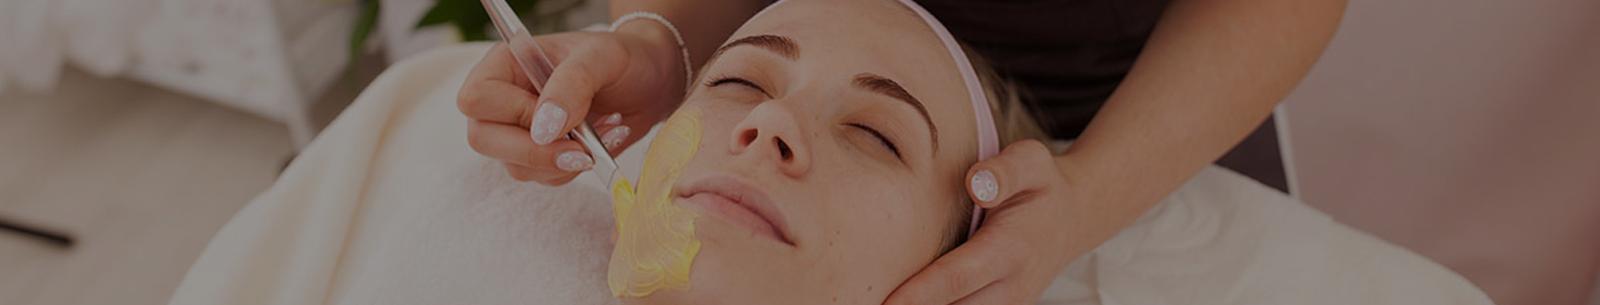 massage-serenity